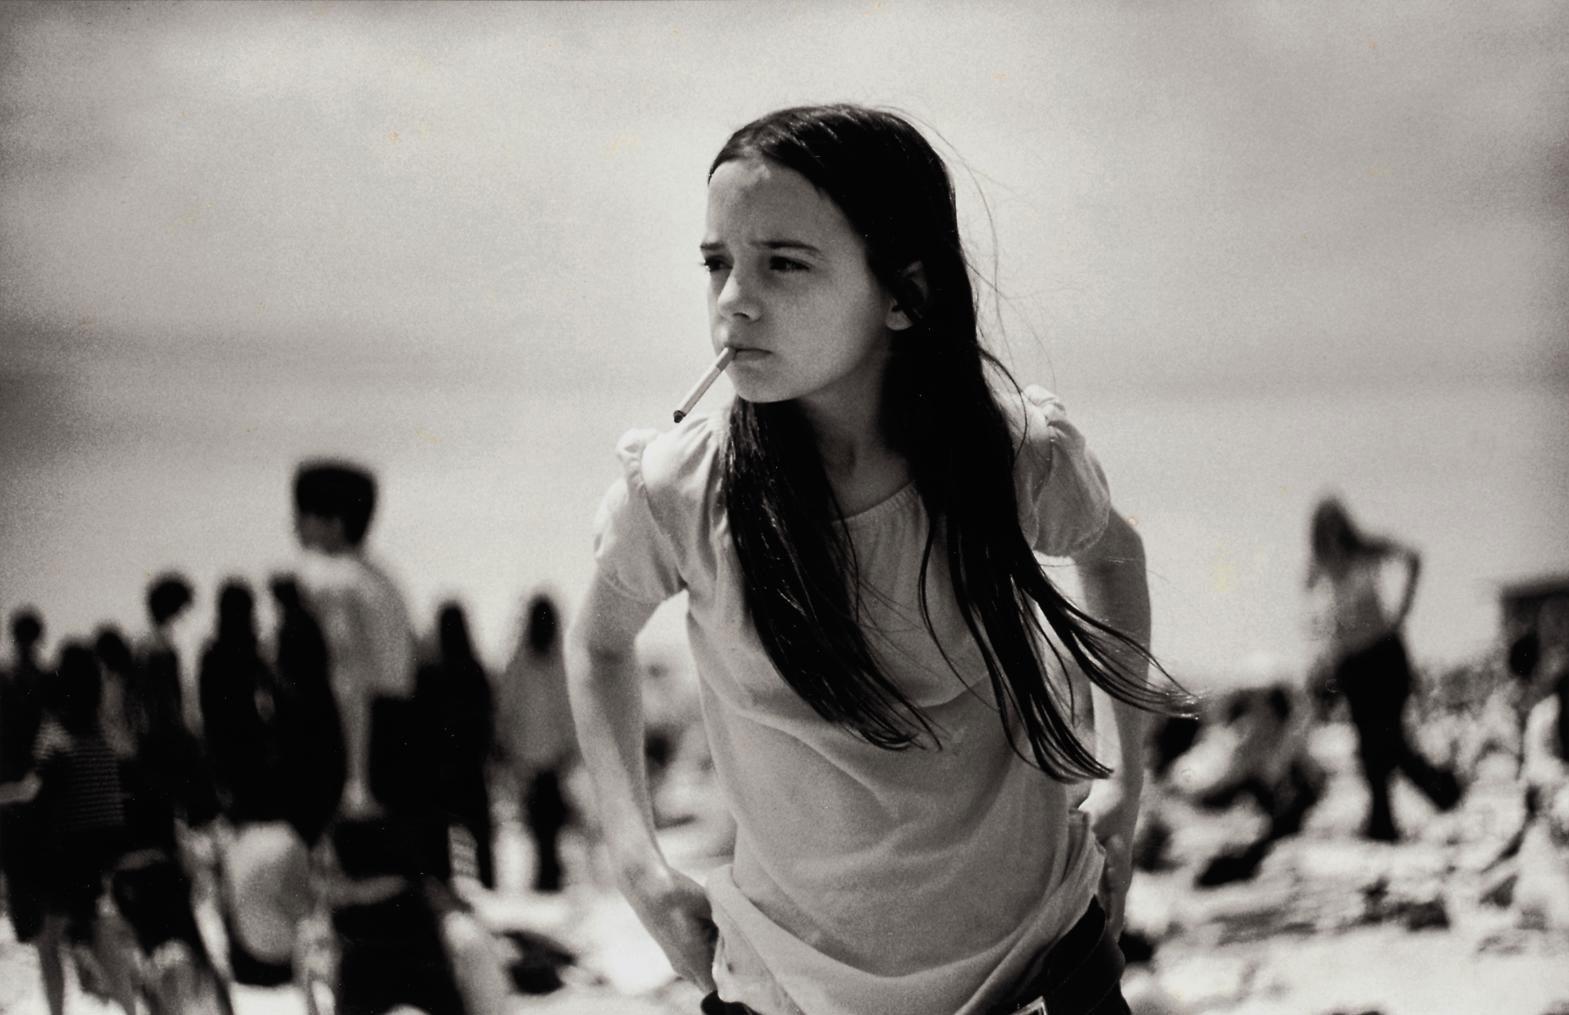 Priscilla, 1970